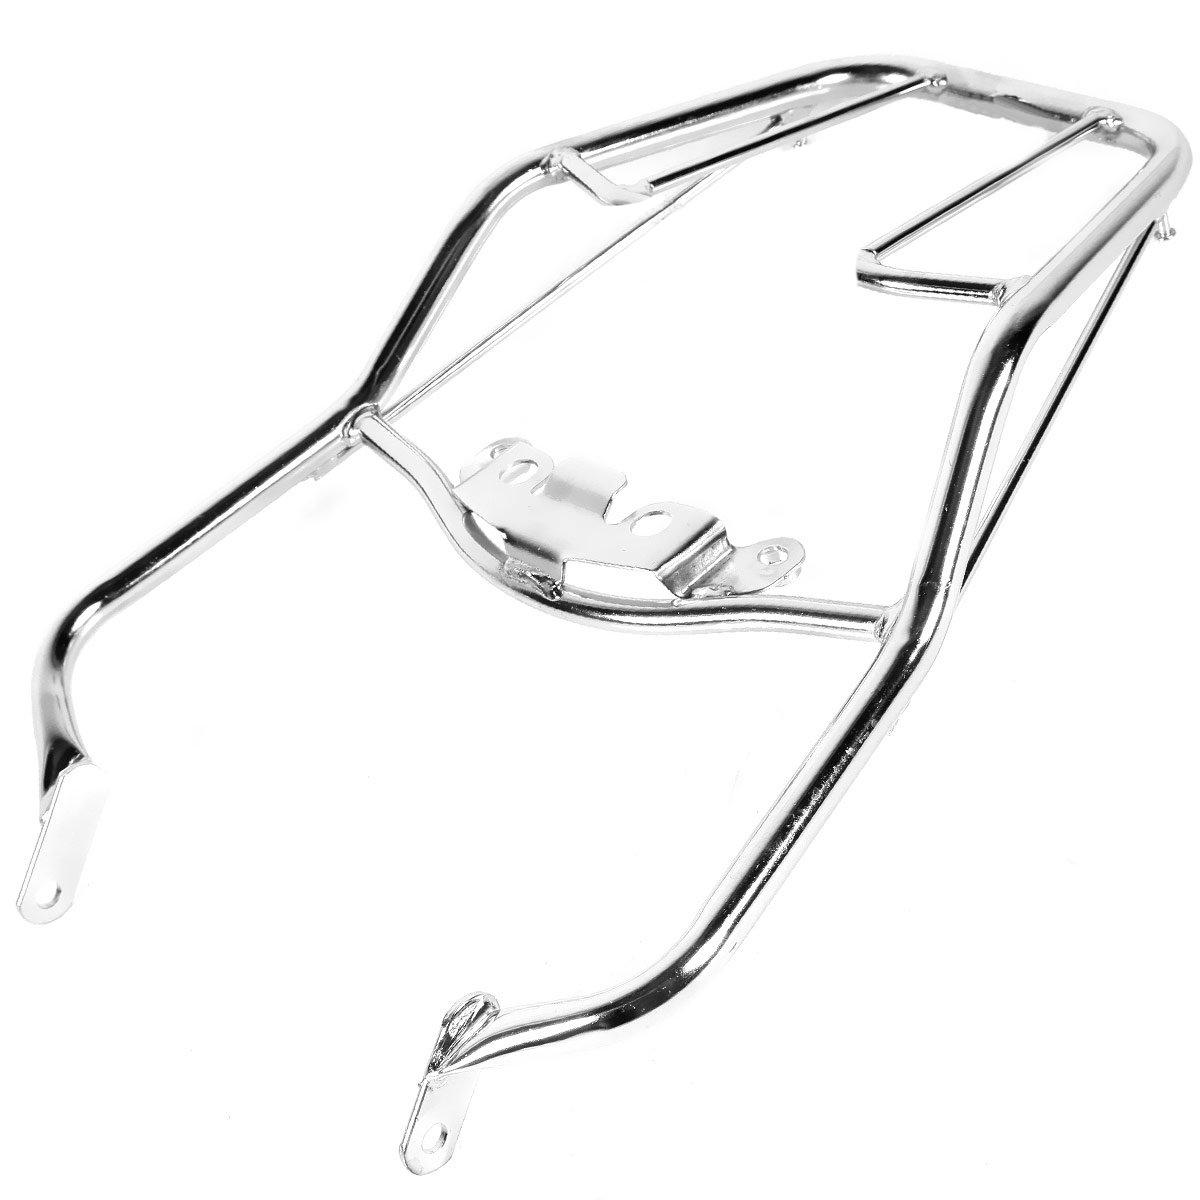 Bagageiro Em Tubo Honda Nxr 125 150 Bros Até 2008